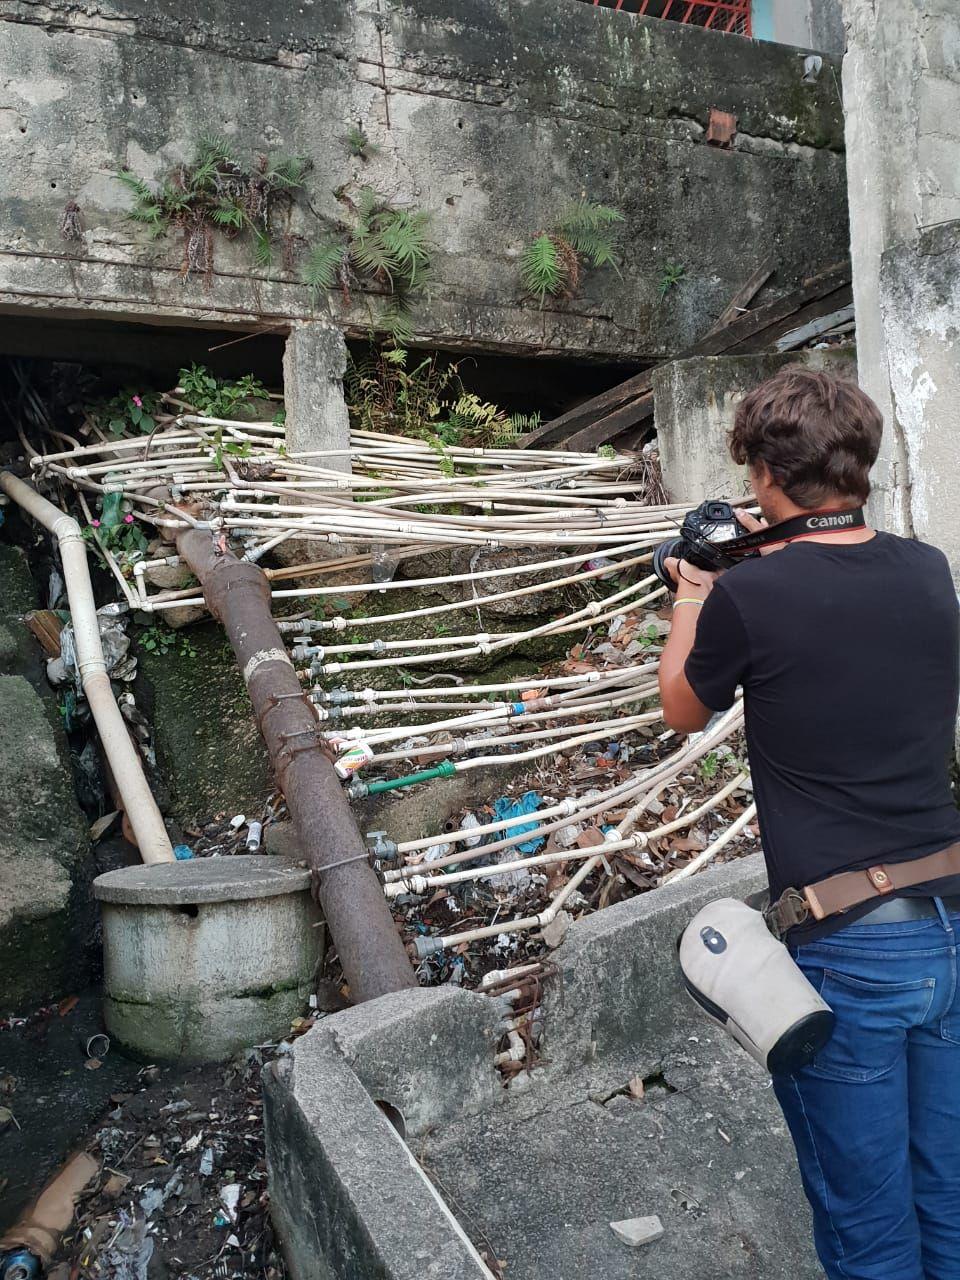 Они направили взведенное оружие к виску: Дмитрий Комаров попал в логово бразильской мафии изоражения